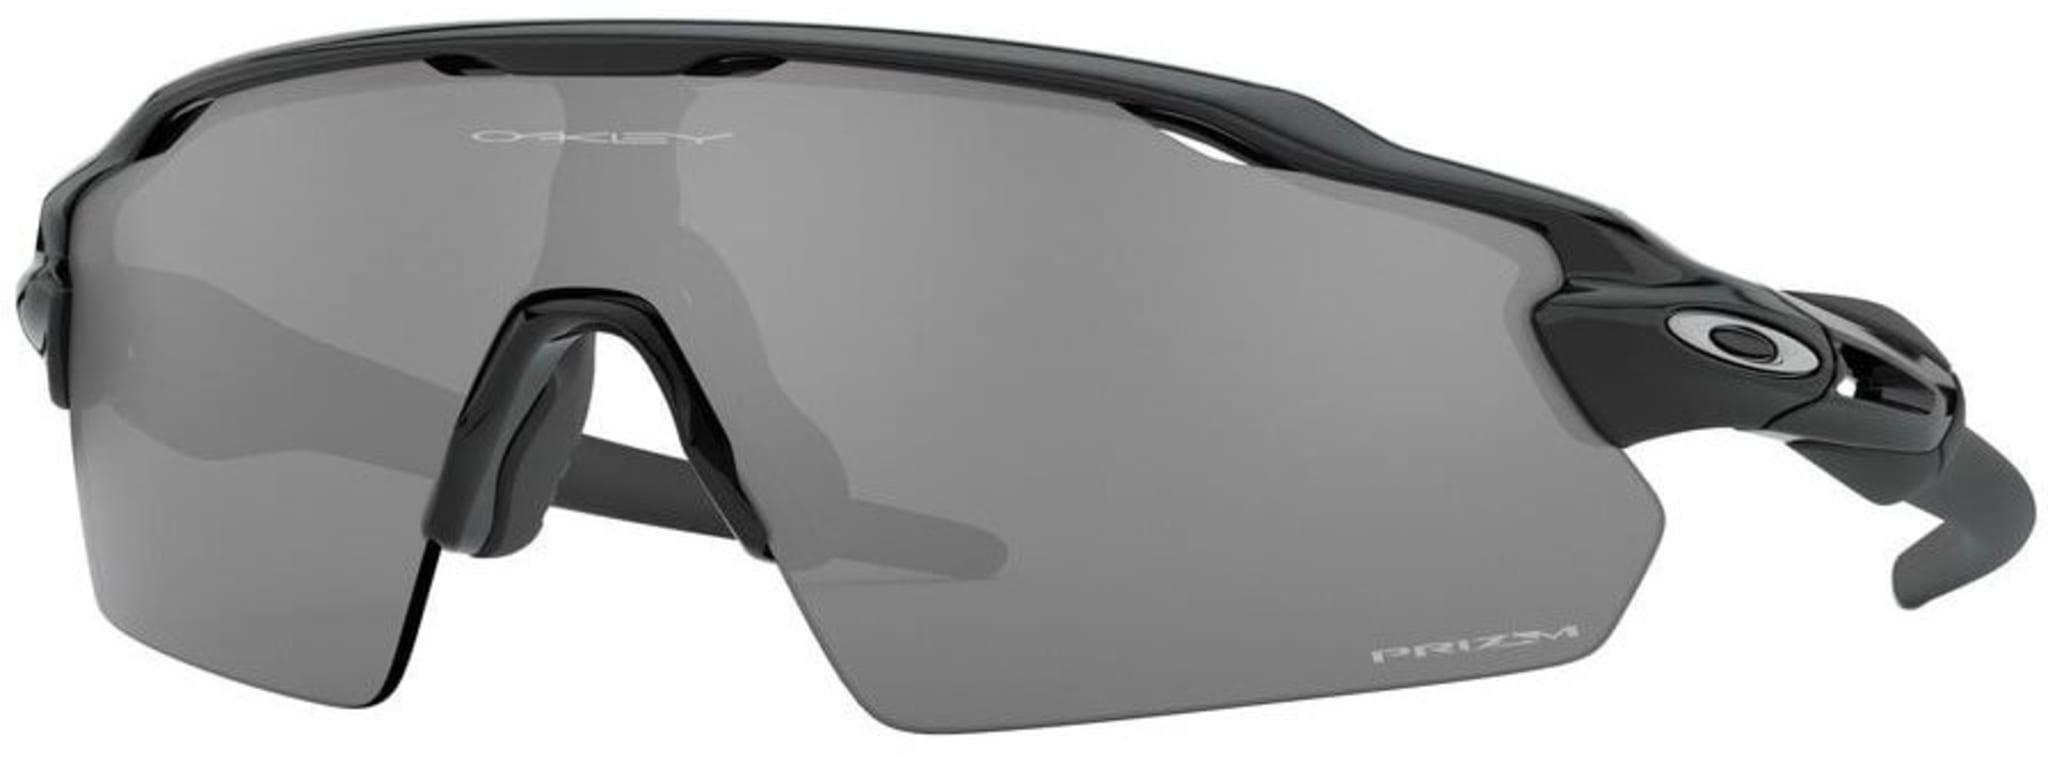 En ny milepæl innen fartsbriller.